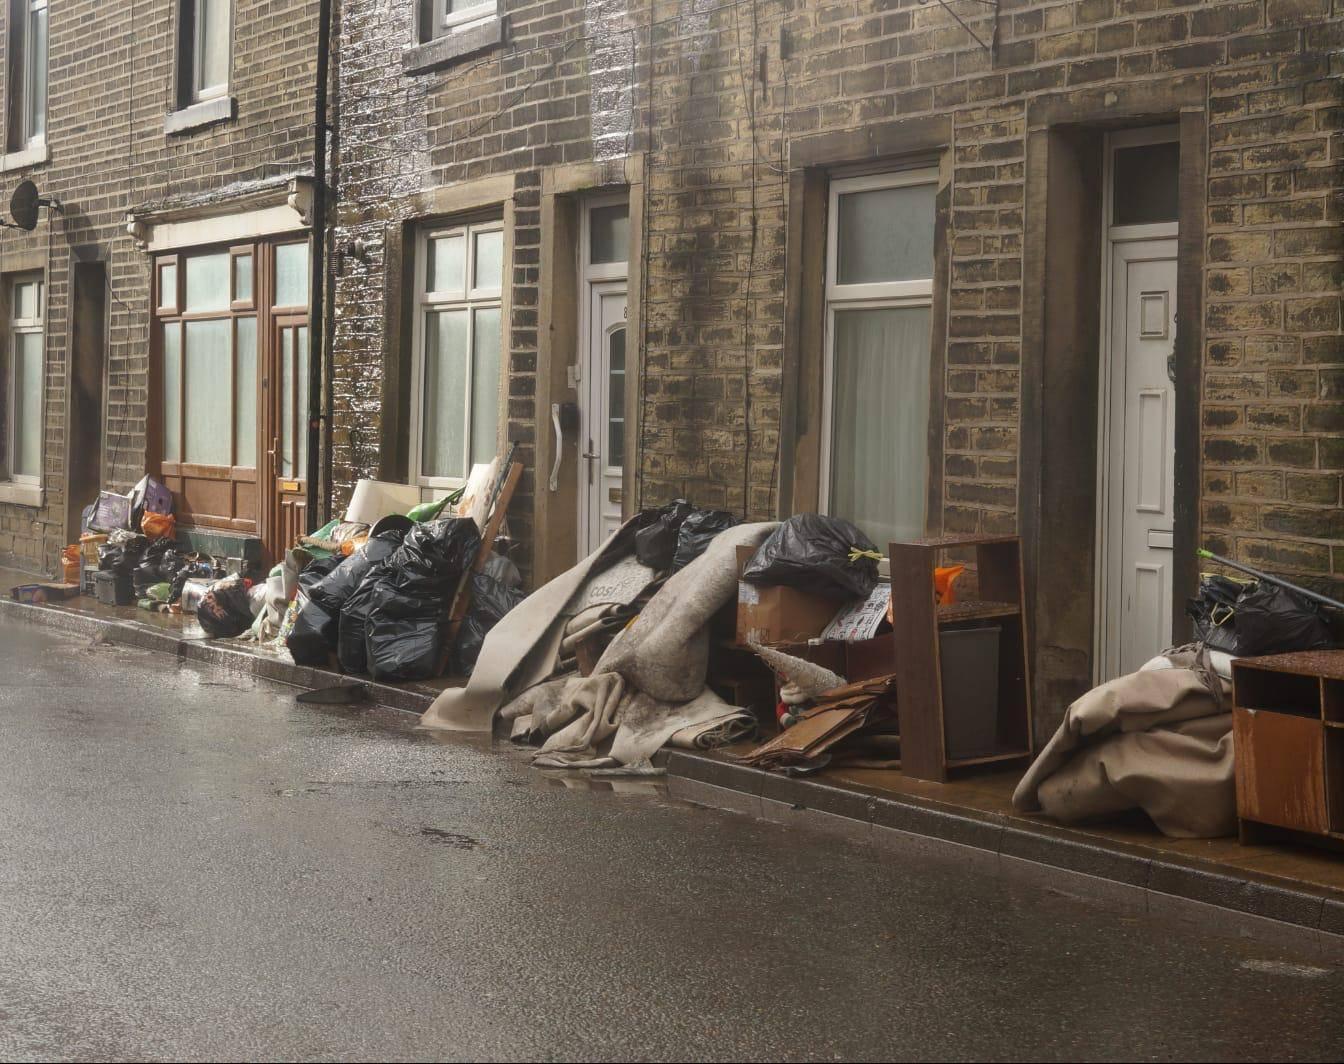 Storm Ciara damage in Calderdale